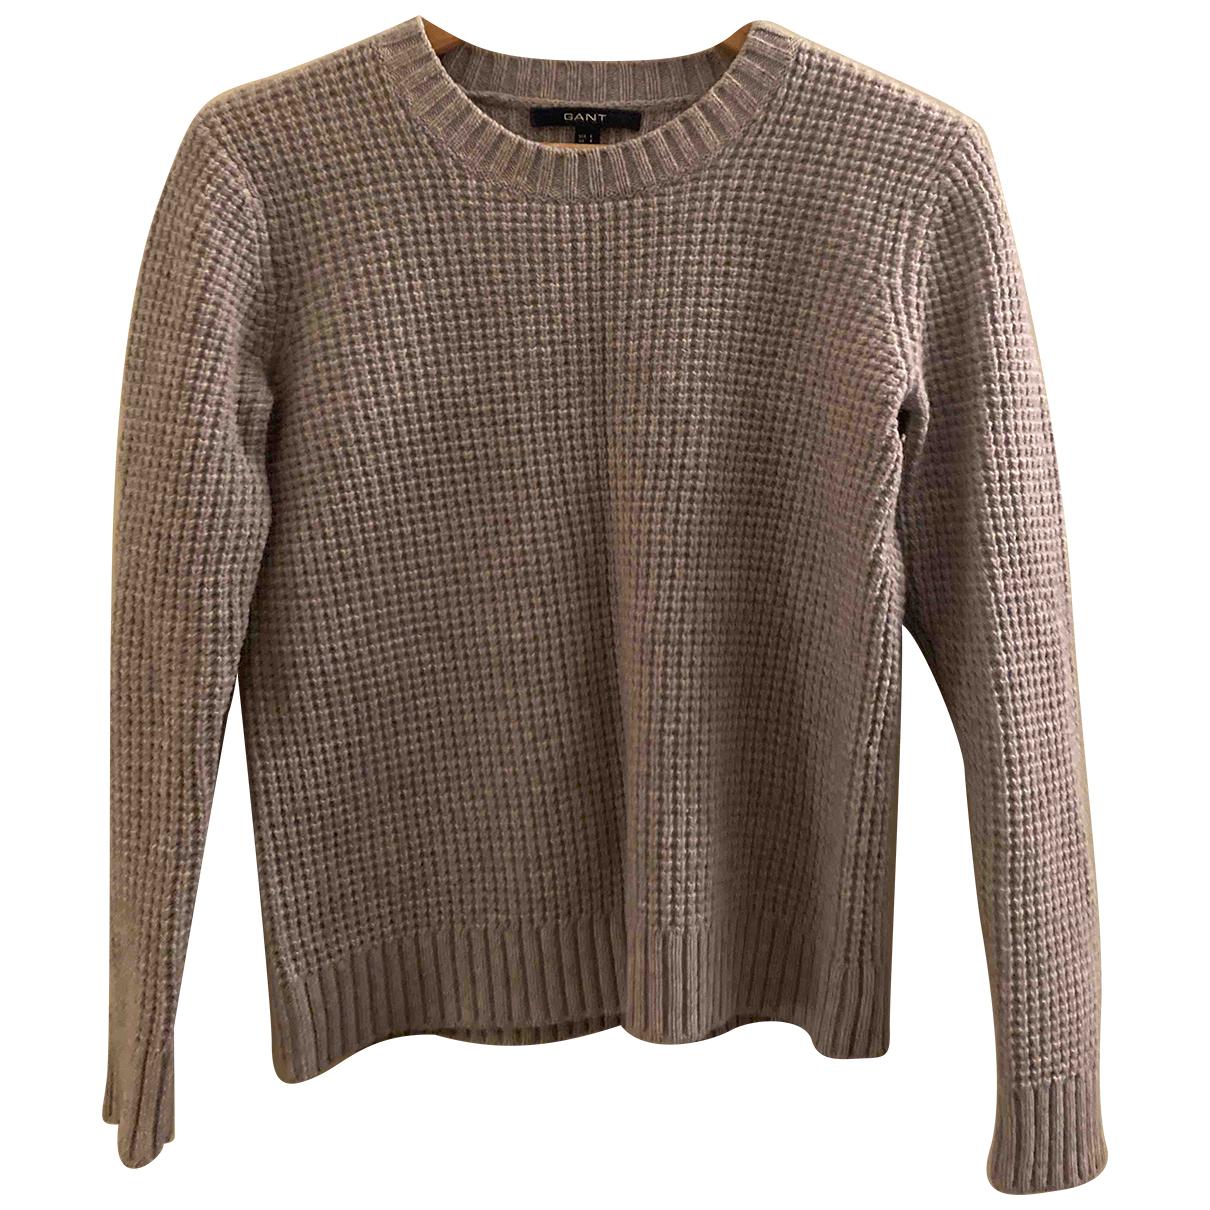 Gant N Grey Wool Knitwear for Women S International